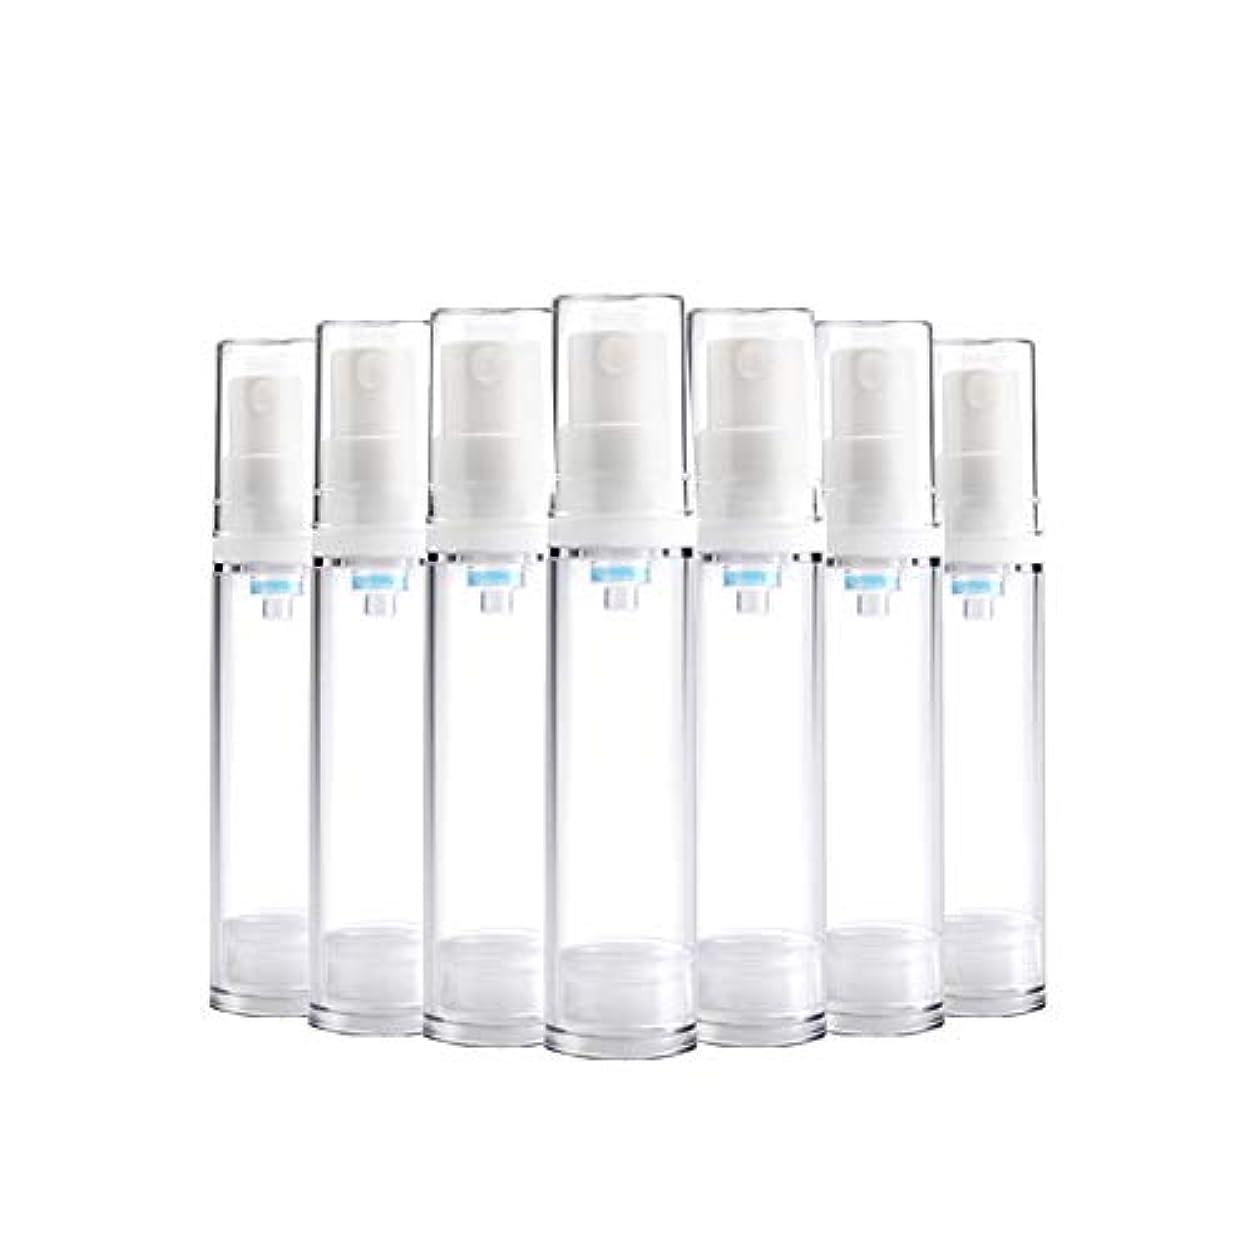 6 PCS熱望透明プラスチックエアロゾルスプレーボトルエアレスポンプスプレーボトル 詰め替えファインミストエアレススプレー(15ml 30ml) BPAフリー - 30 ml